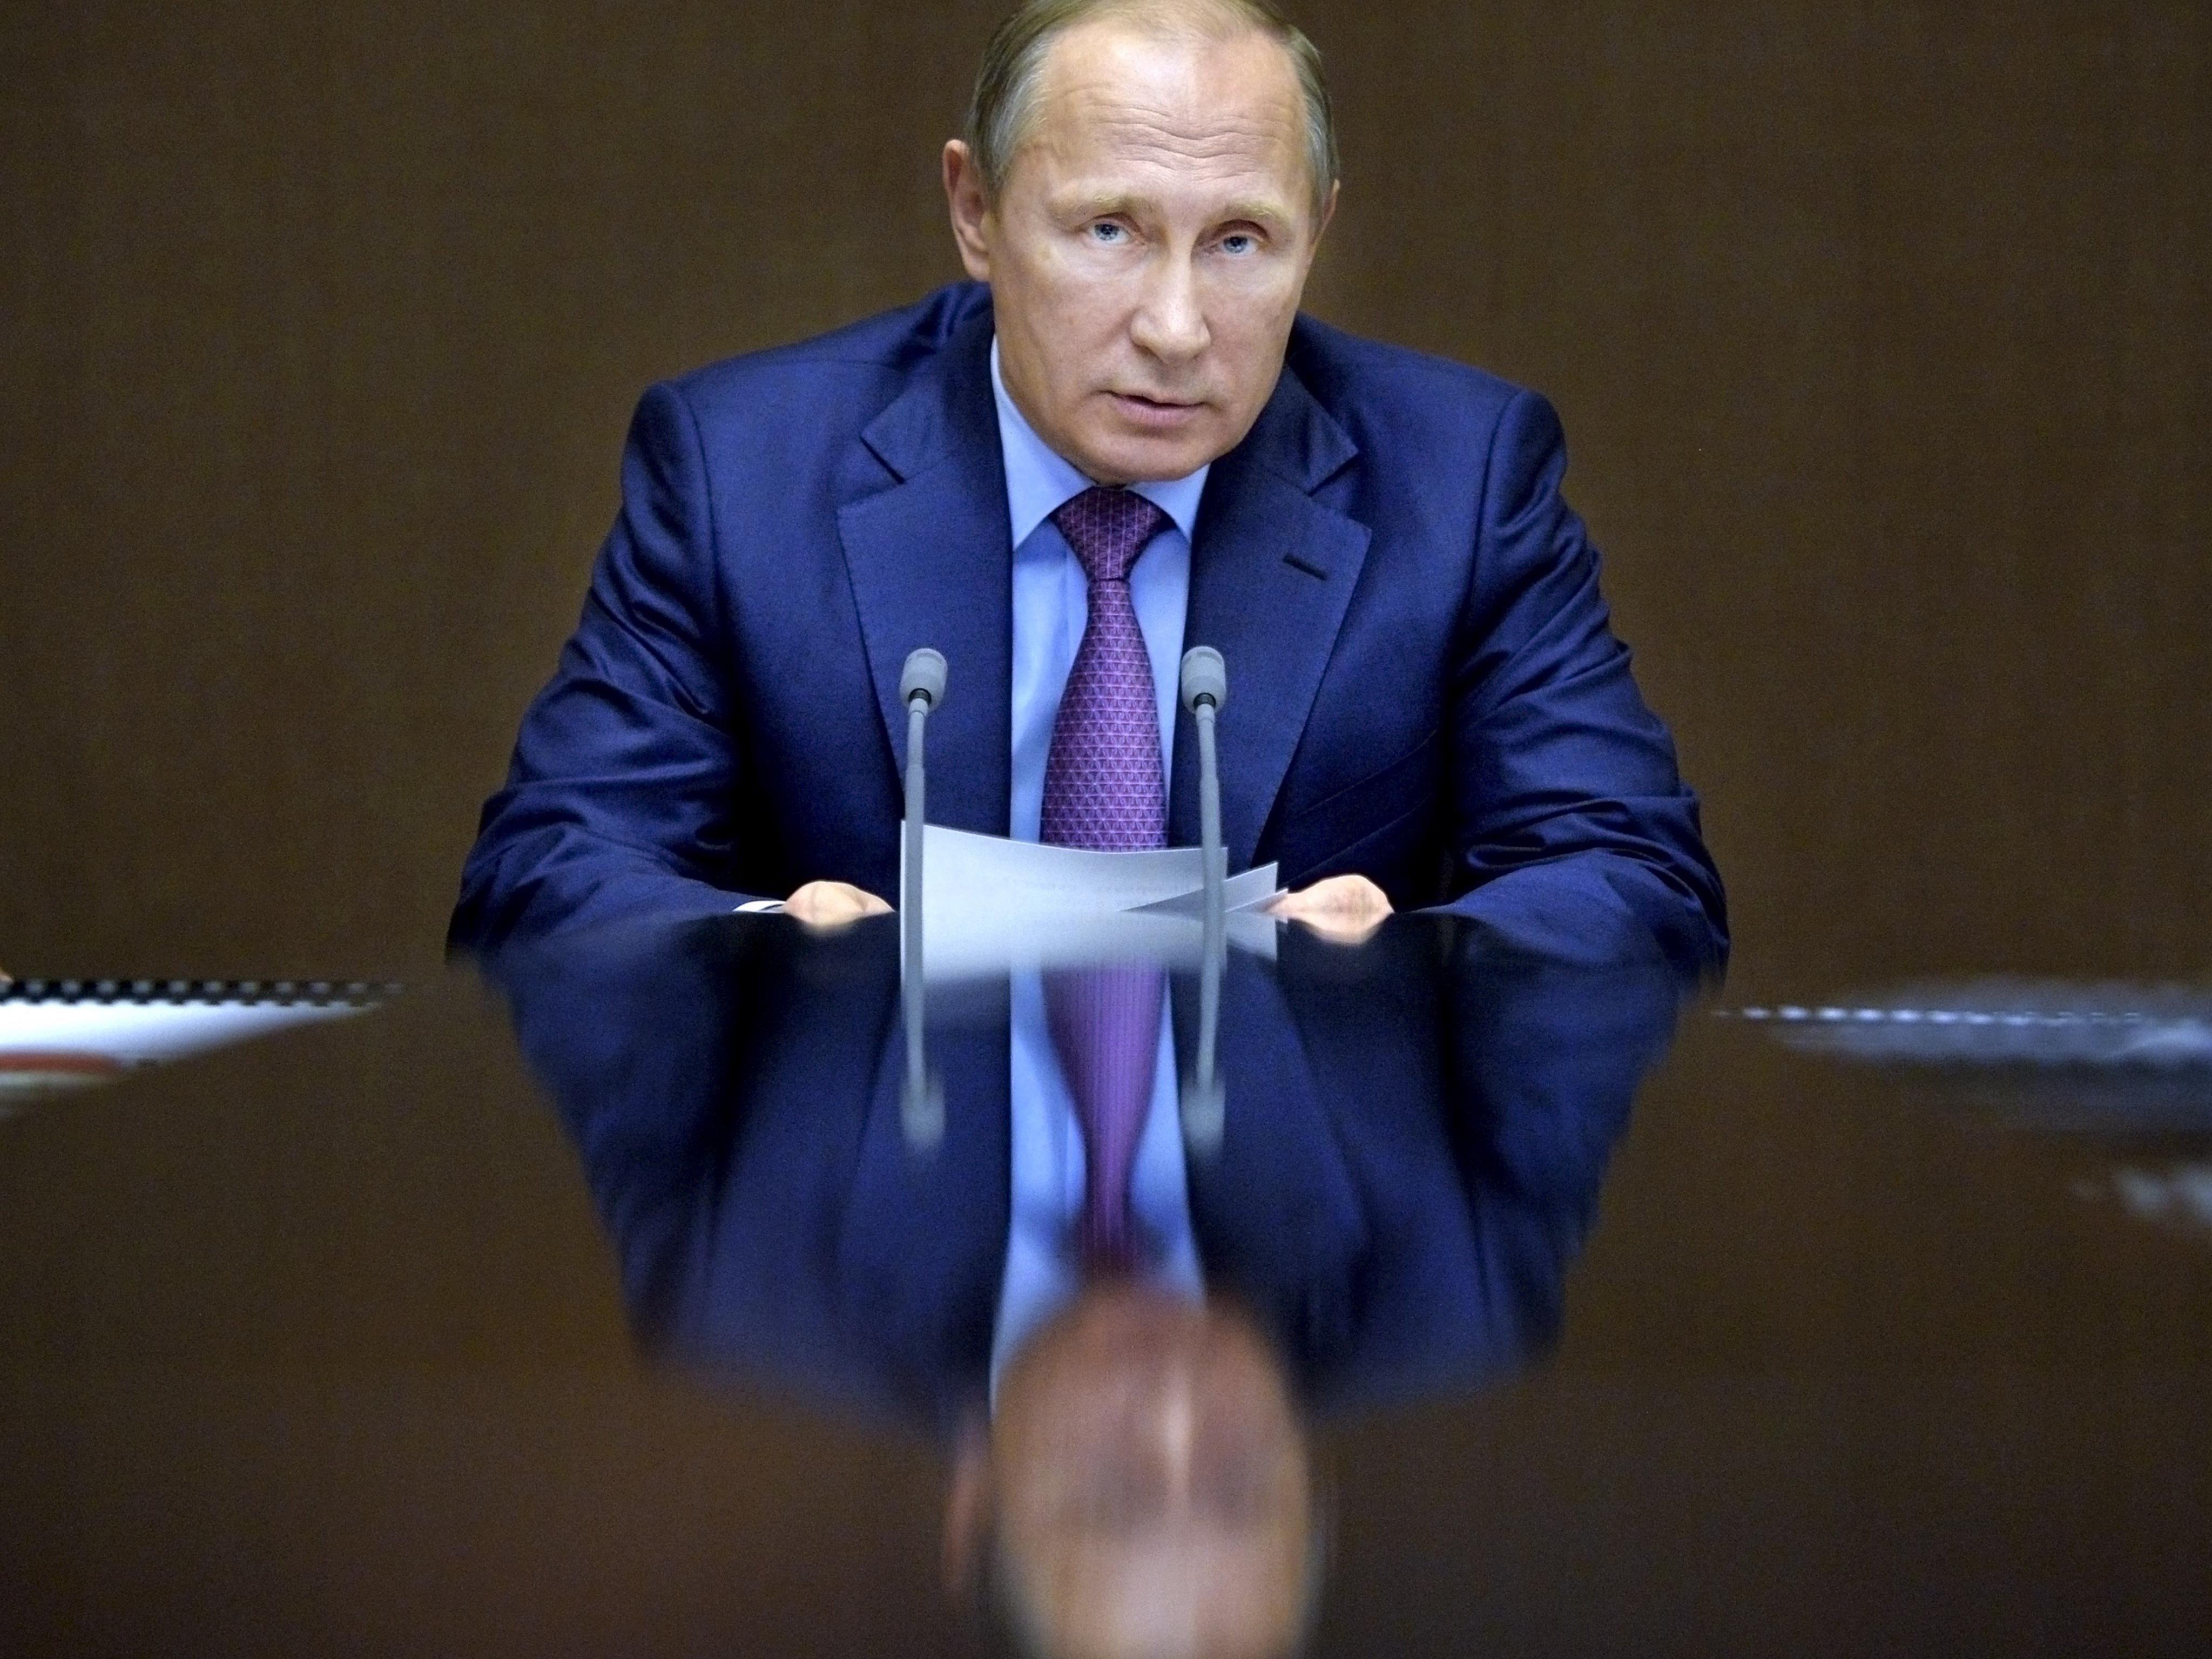 Wer in Moskau aber mit Medien Geld verdienen will, schweigt am besten zu Politik, denn deren Darstellung wird von Putins Staat fast vollständig kontrolliert.